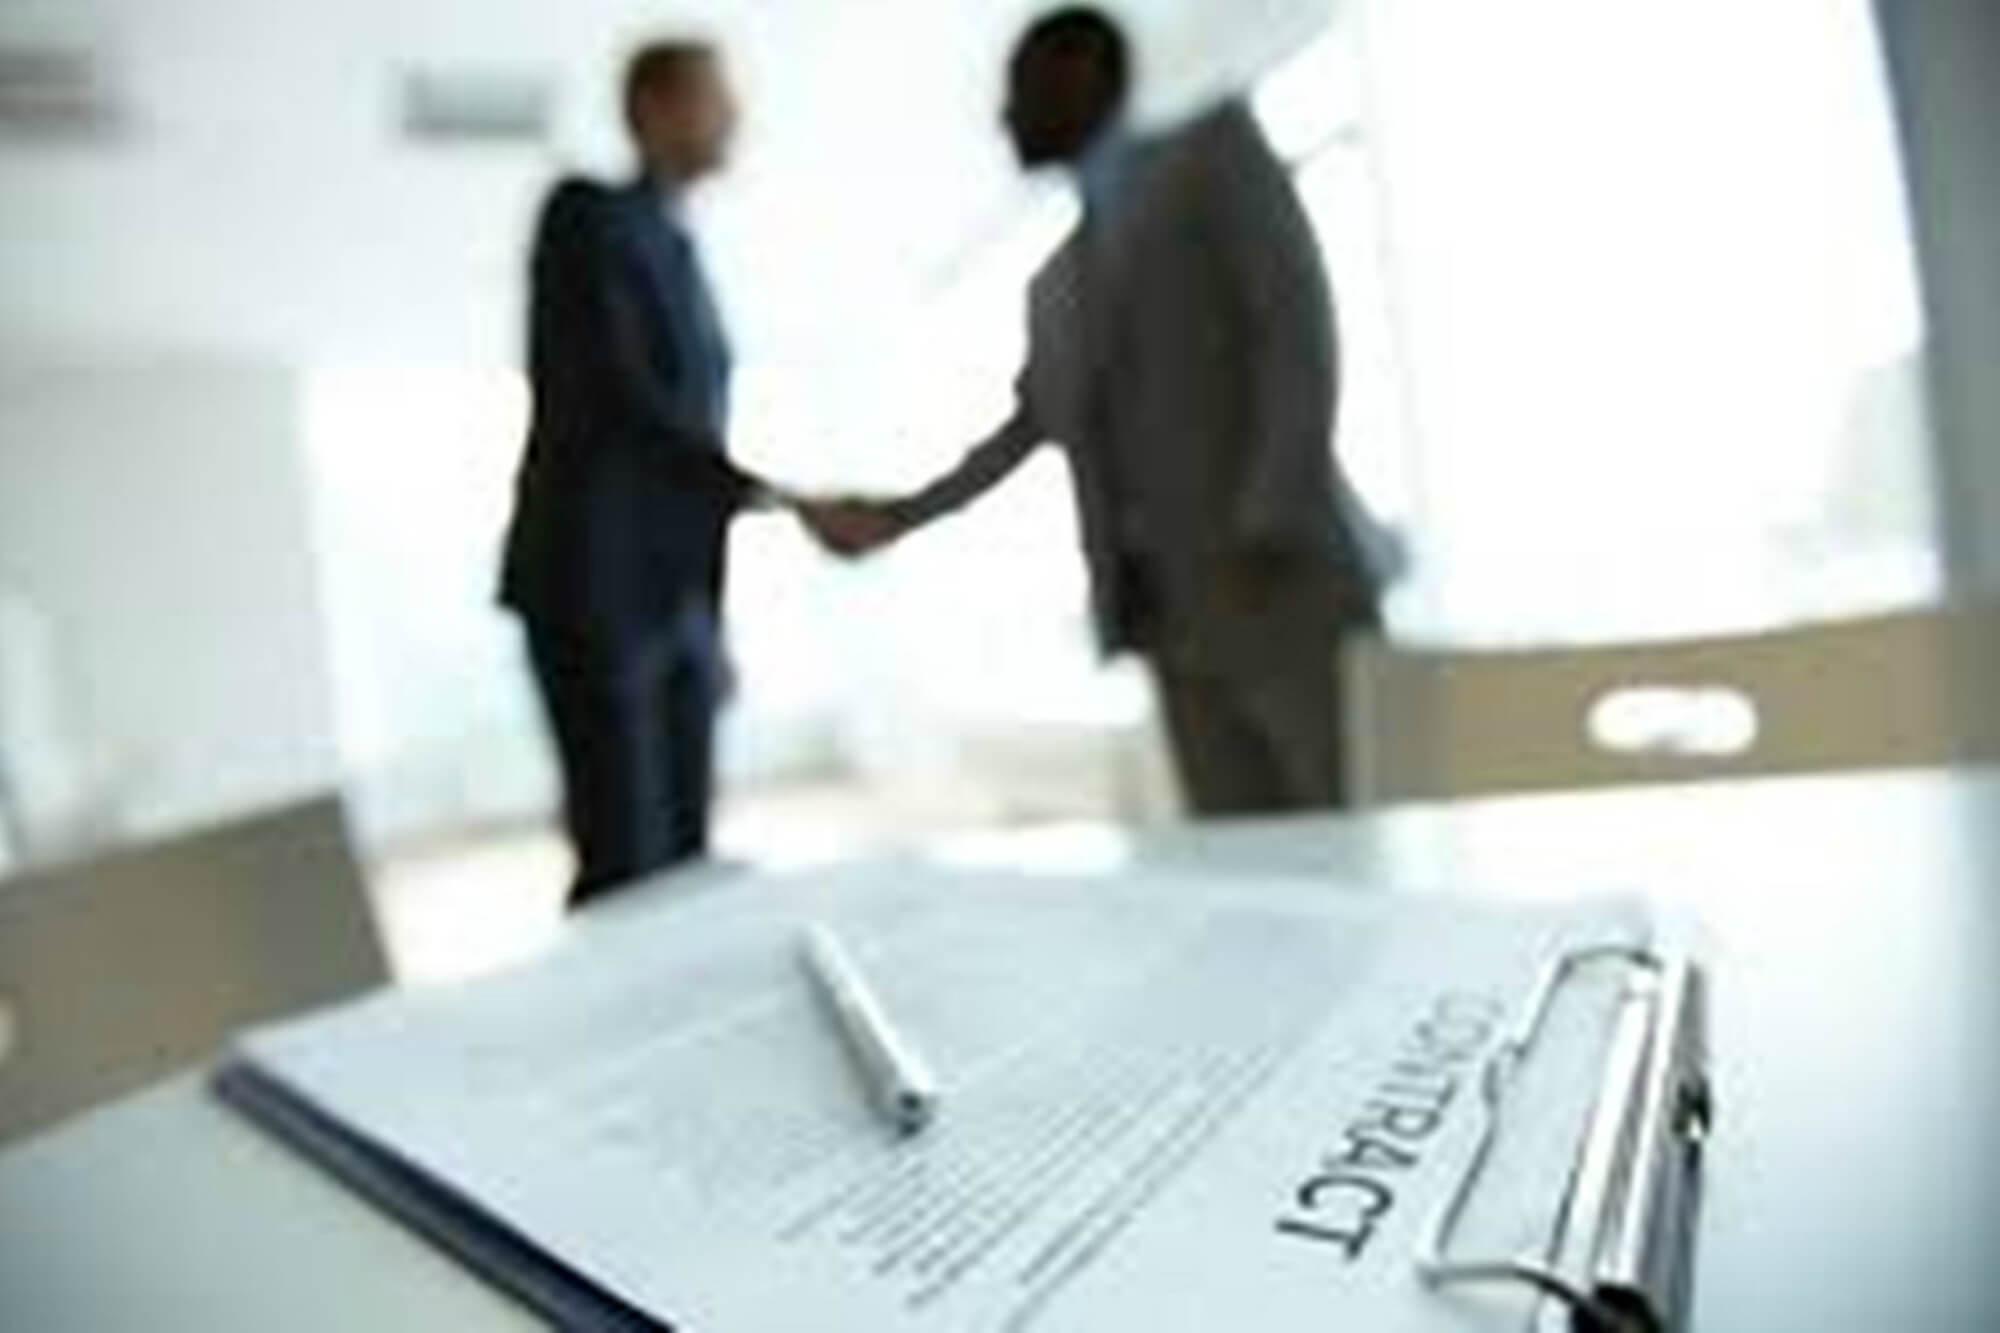 processo seletivo de uma franquia contrato